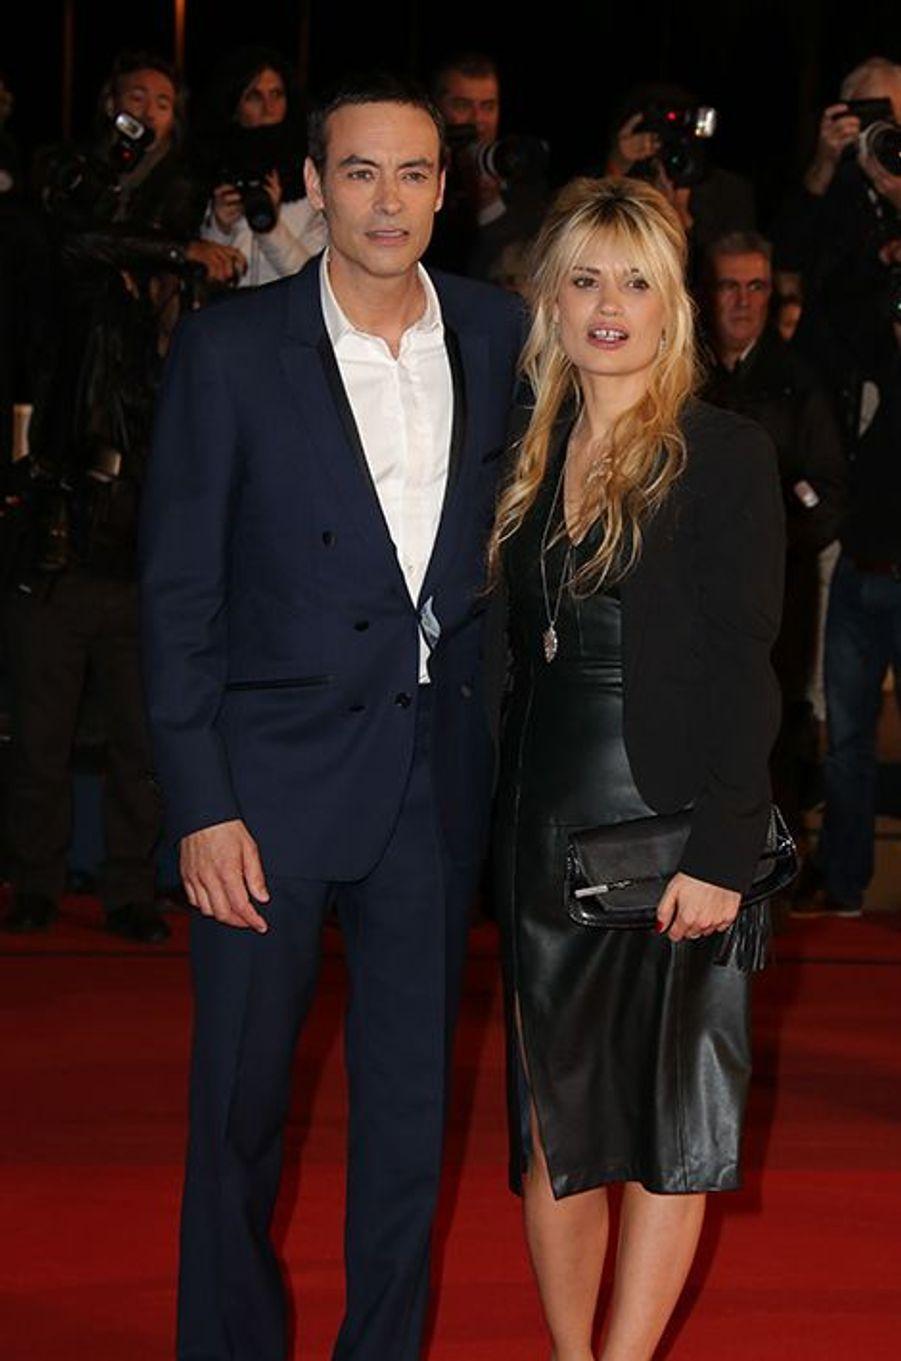 Anthony Delon et sa compagne à Cannes le 13 décembre 2014